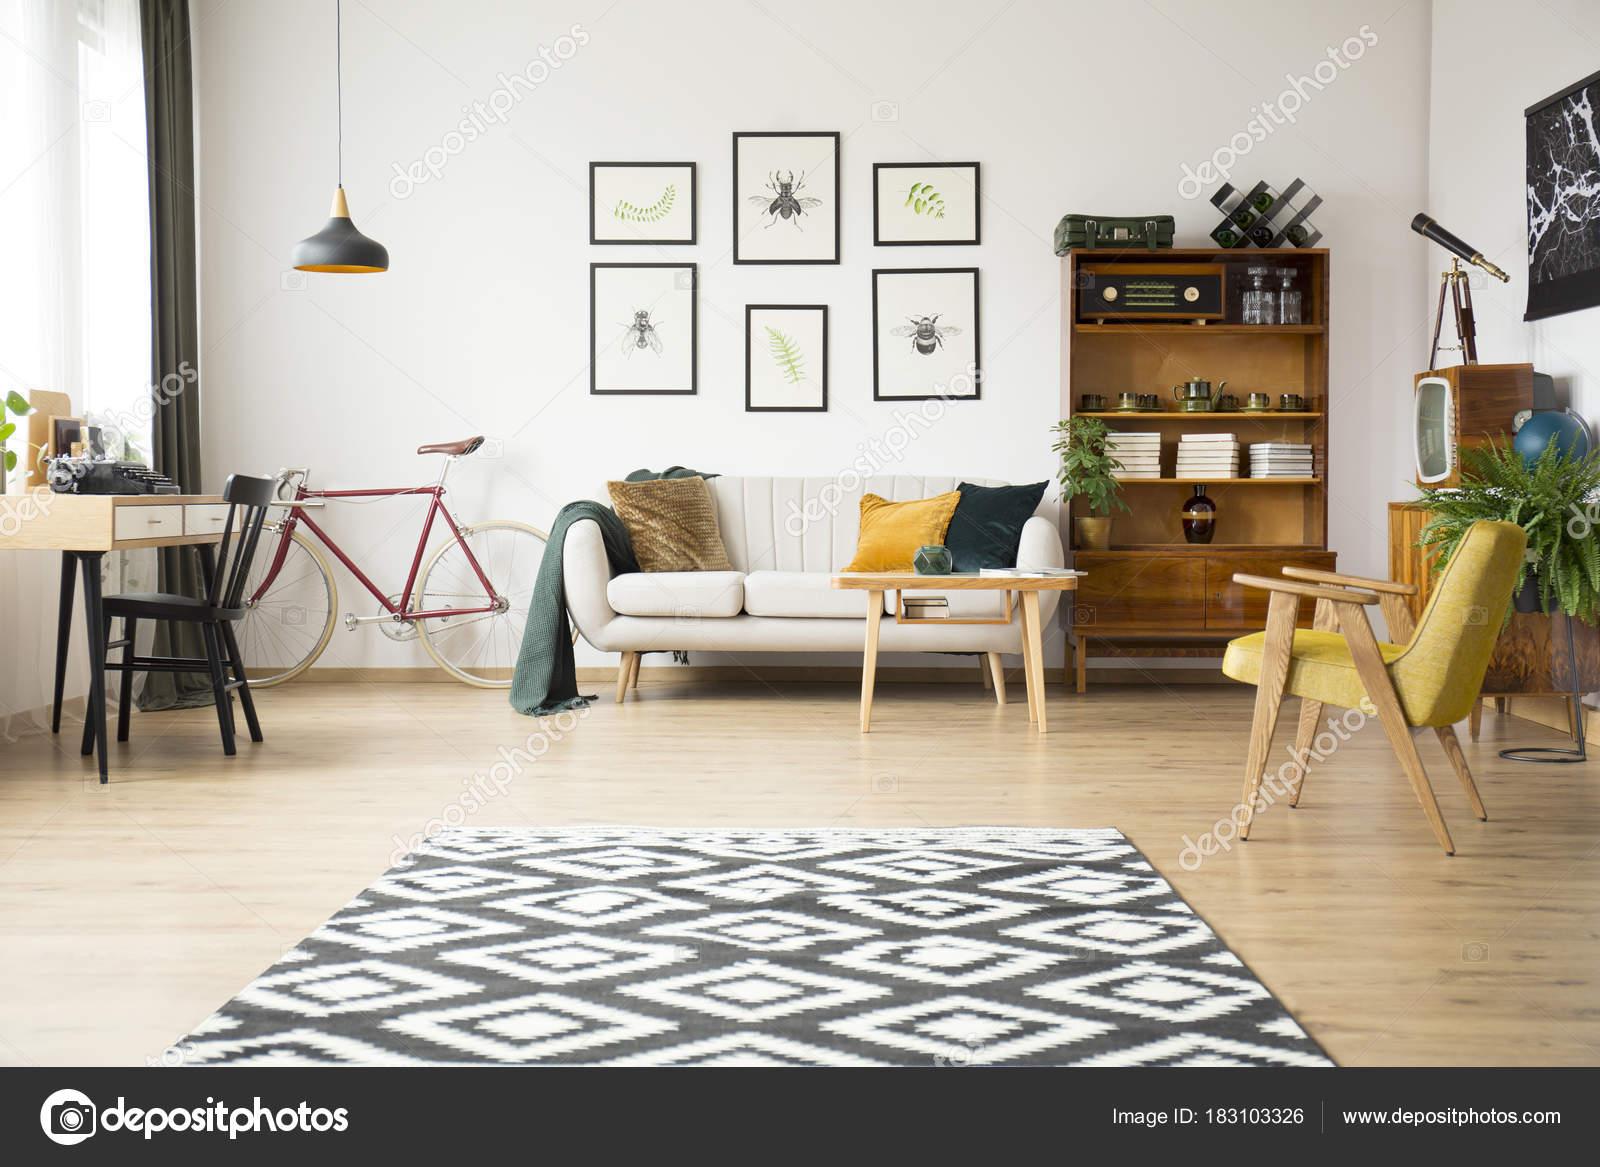 Vintage Wohnzimmer Mit Sideboard Stockfoto C Photographee